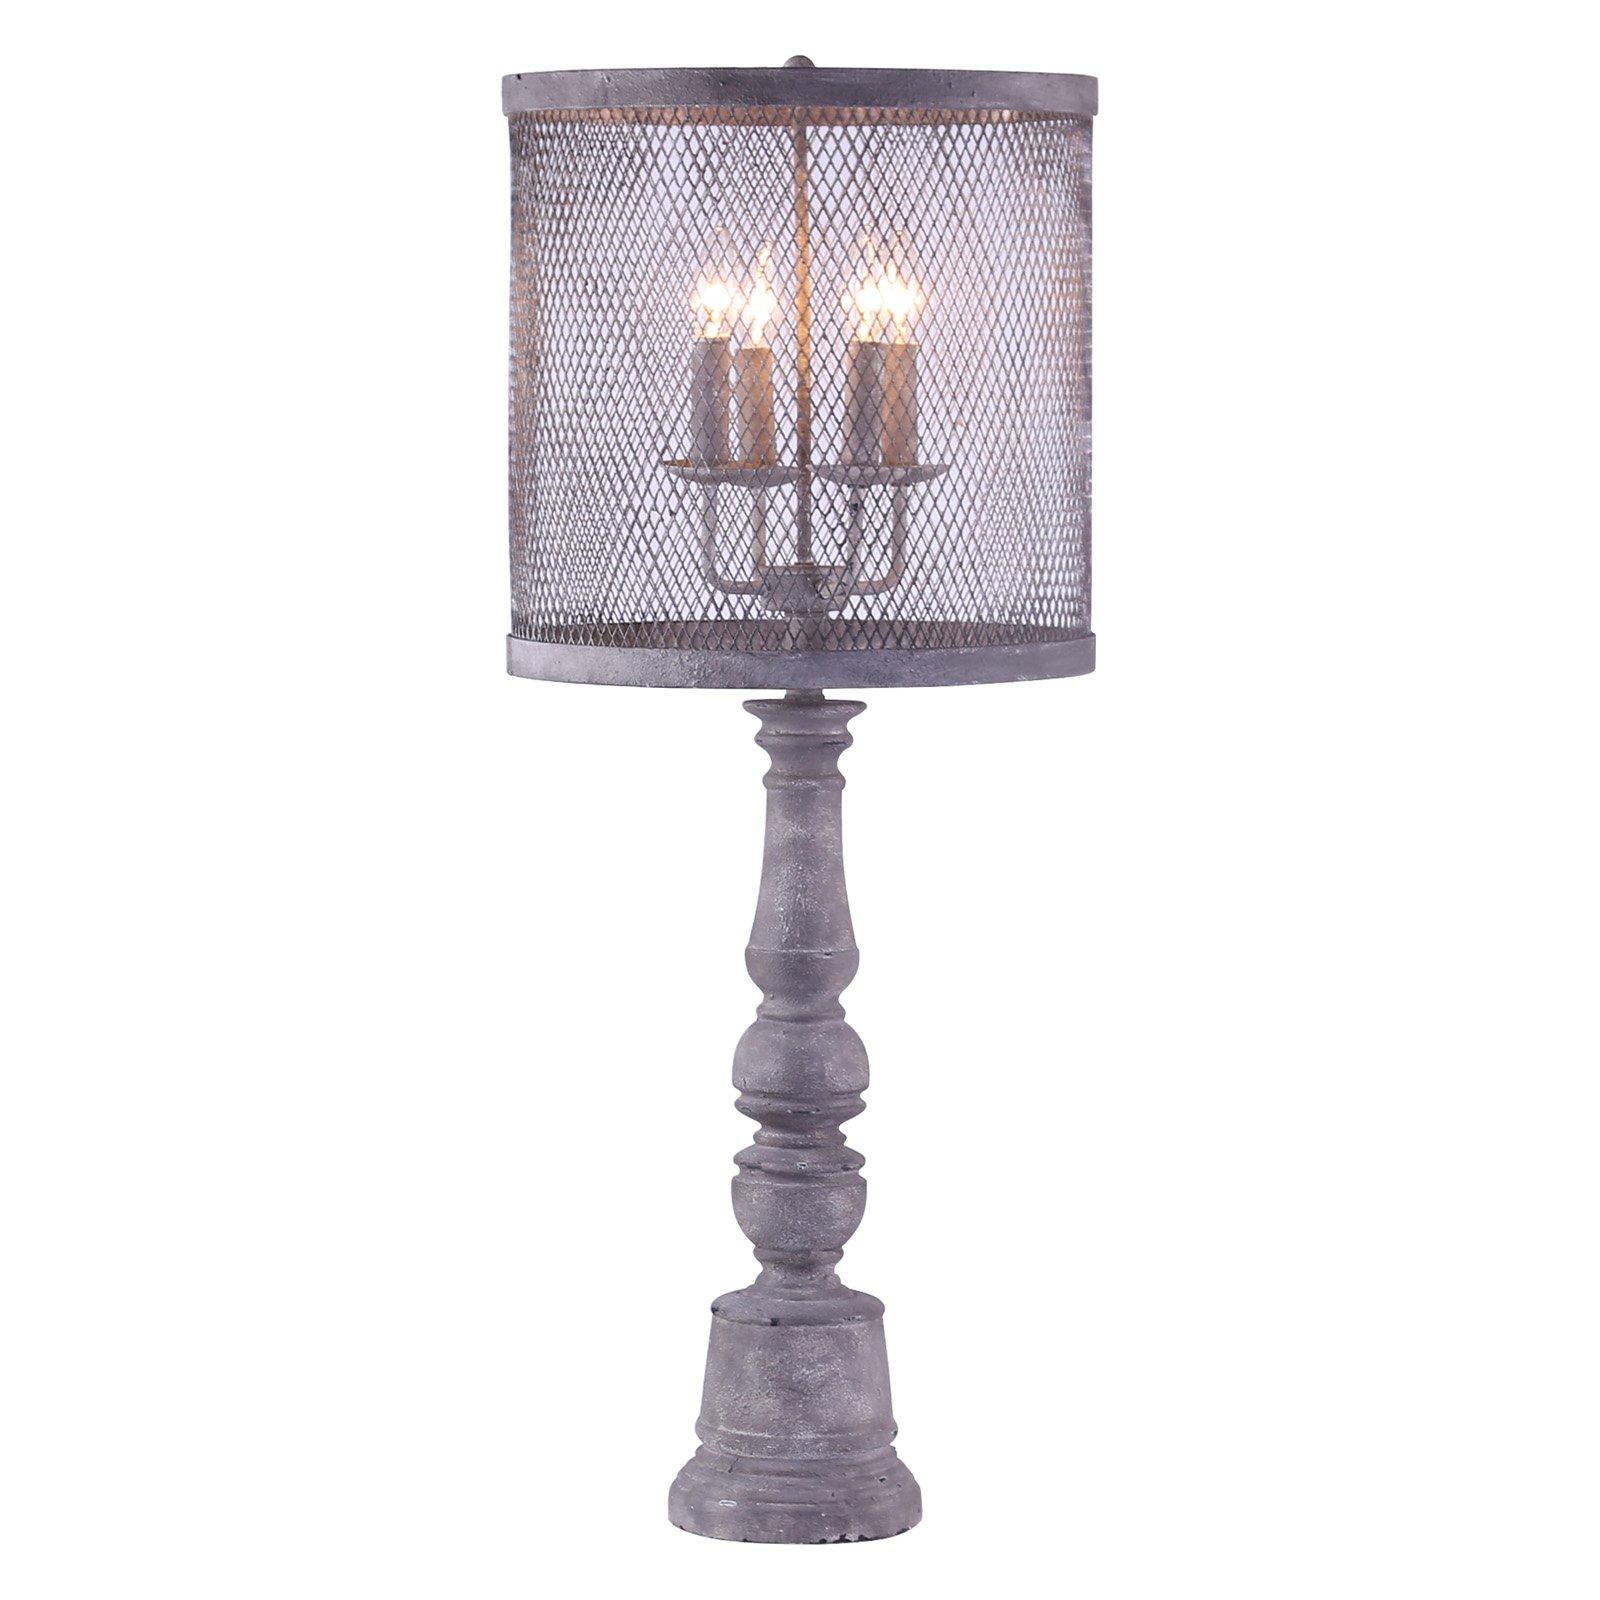 Image of A Homestead Shoppe Arlington Table Lamp - Mesh Shade